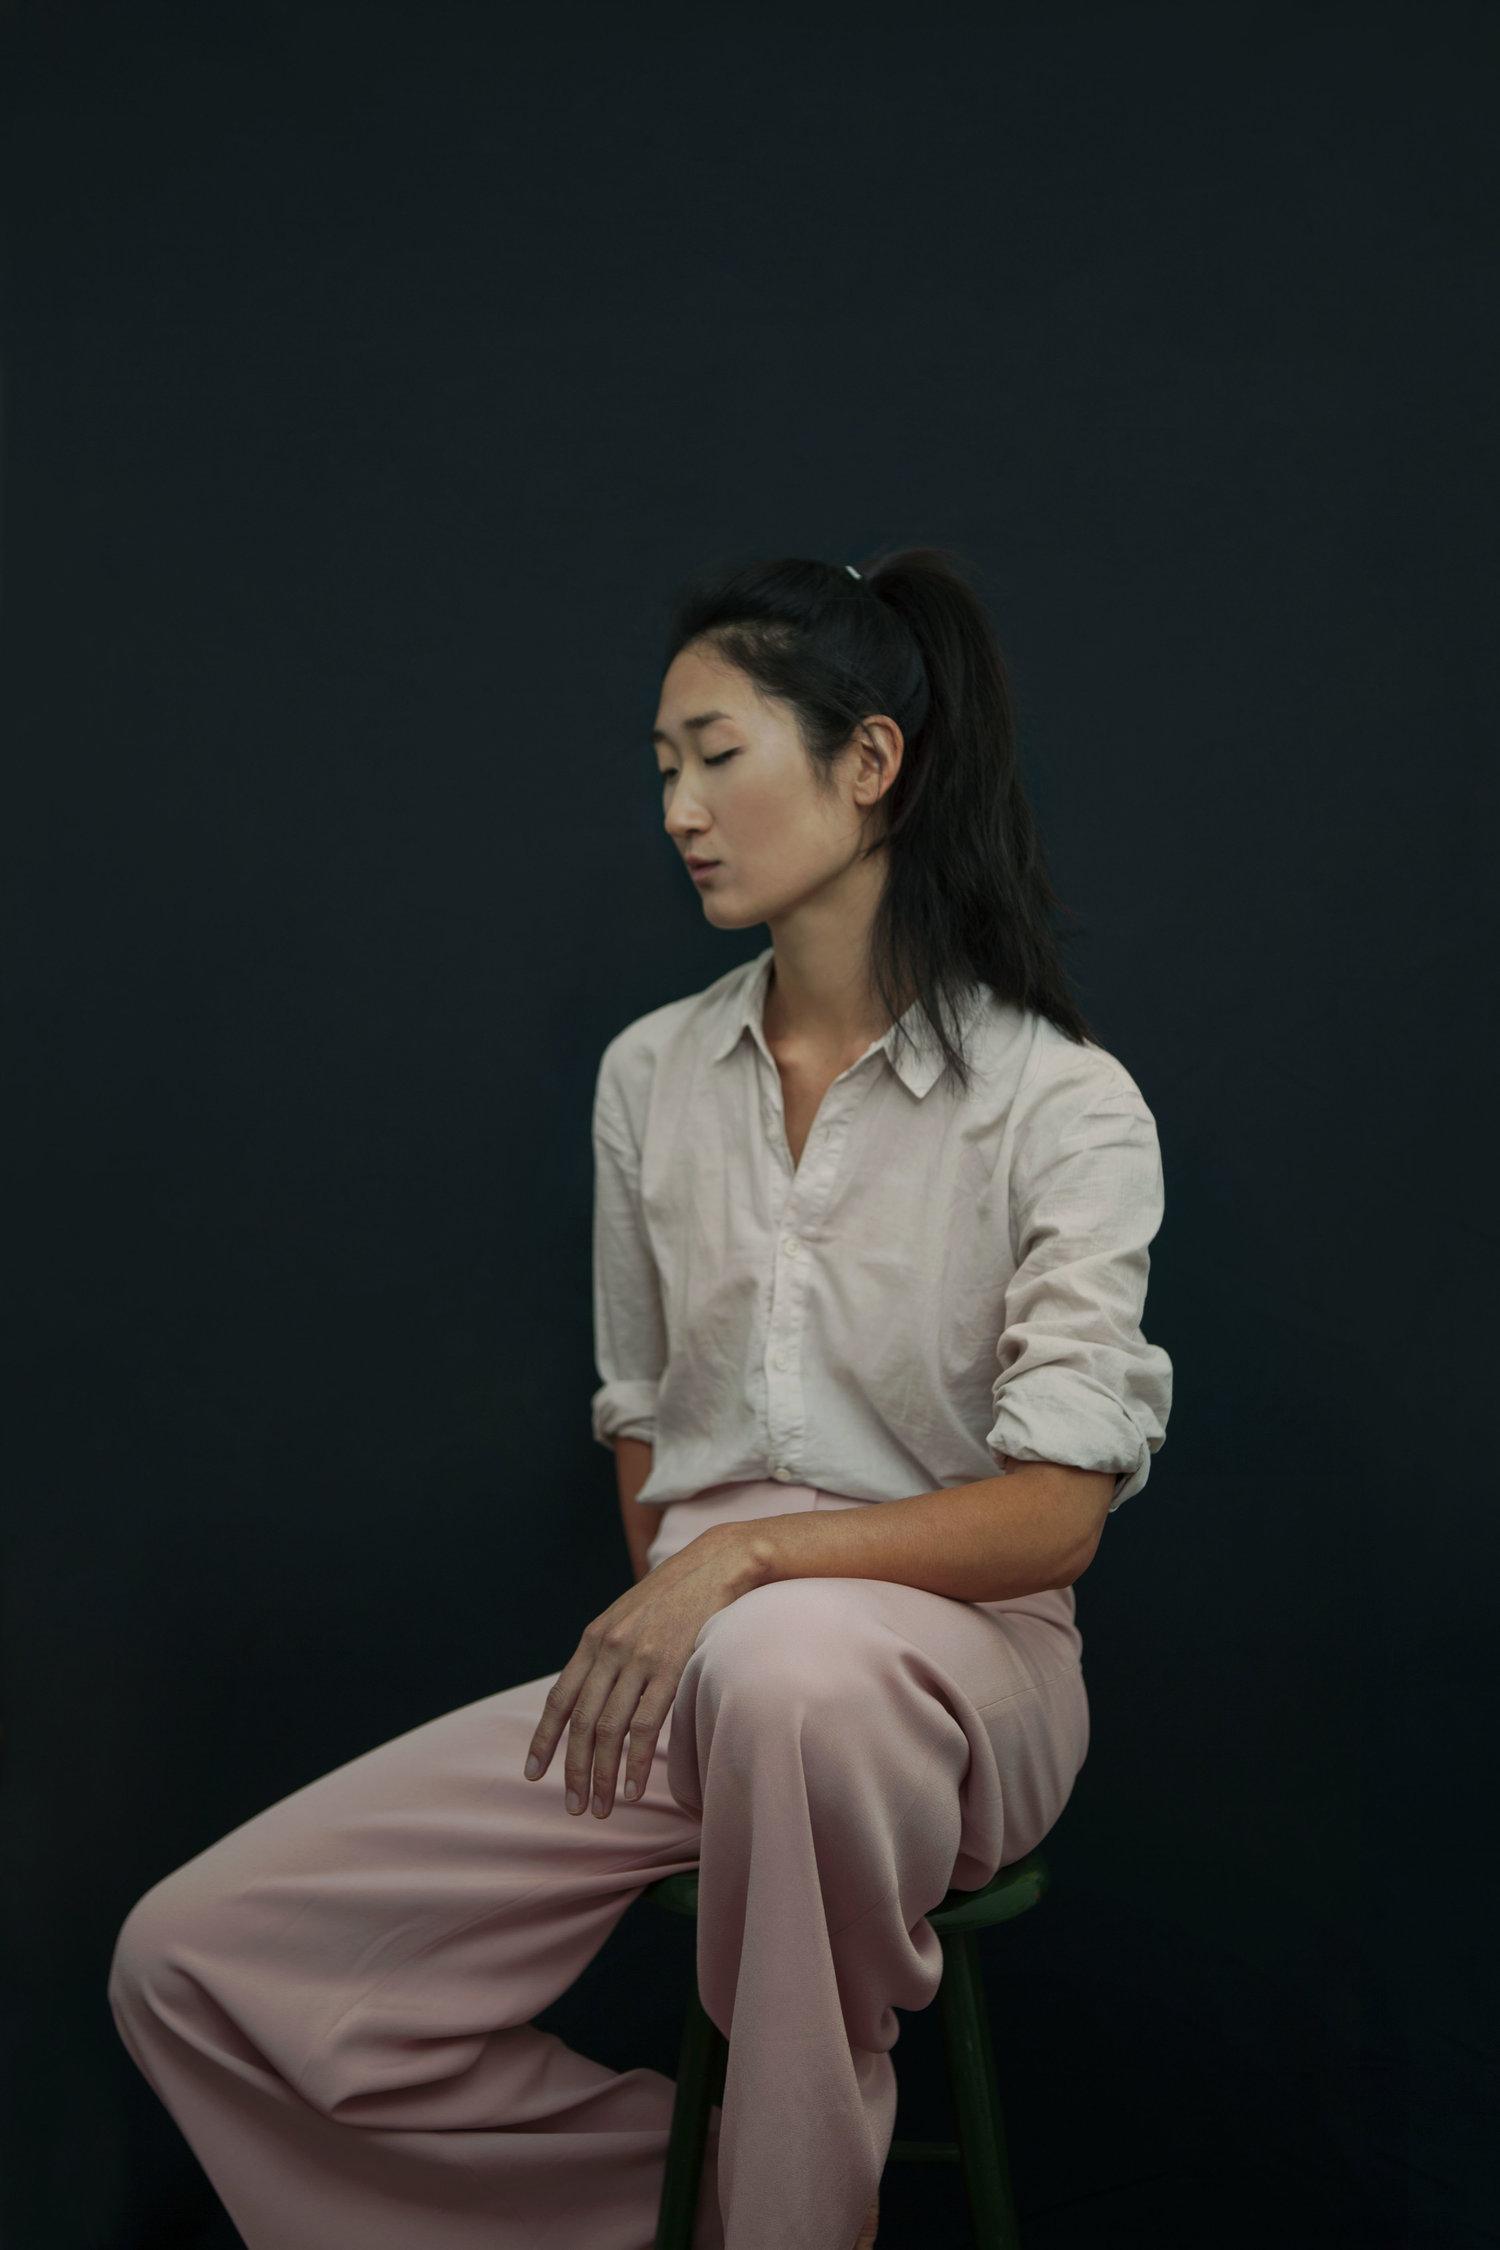 Amber Docters van Leeuwen - Photo © Sarah Wijzenbeek